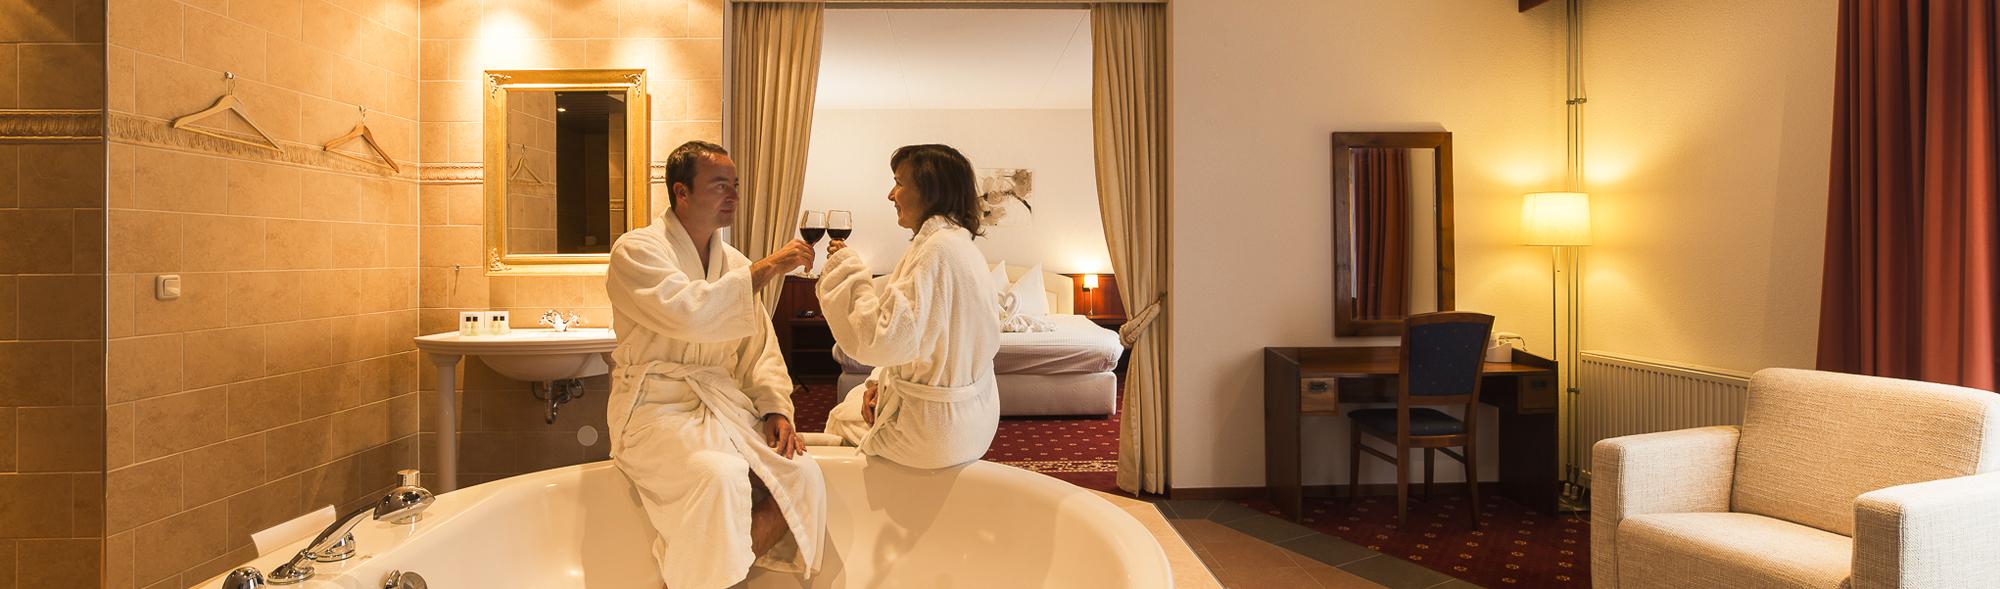 kamer_bad_wijn.jpg